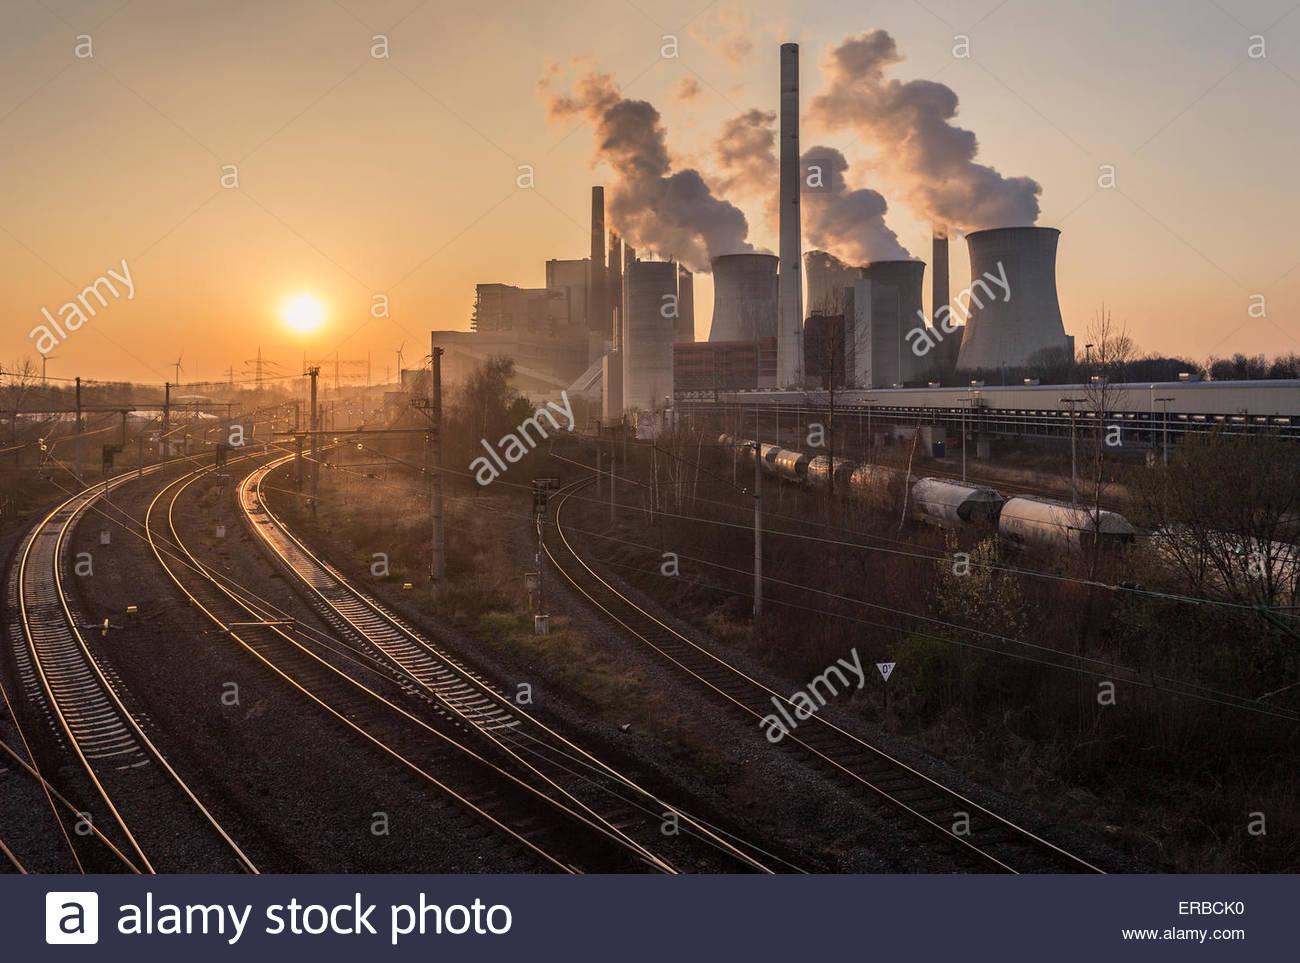 Brennen von Braunkohle Kraftwerk Neurath ich rauche stapelt Kühltürme Energie Wirtschaft Konsum Geschäft Stockbild